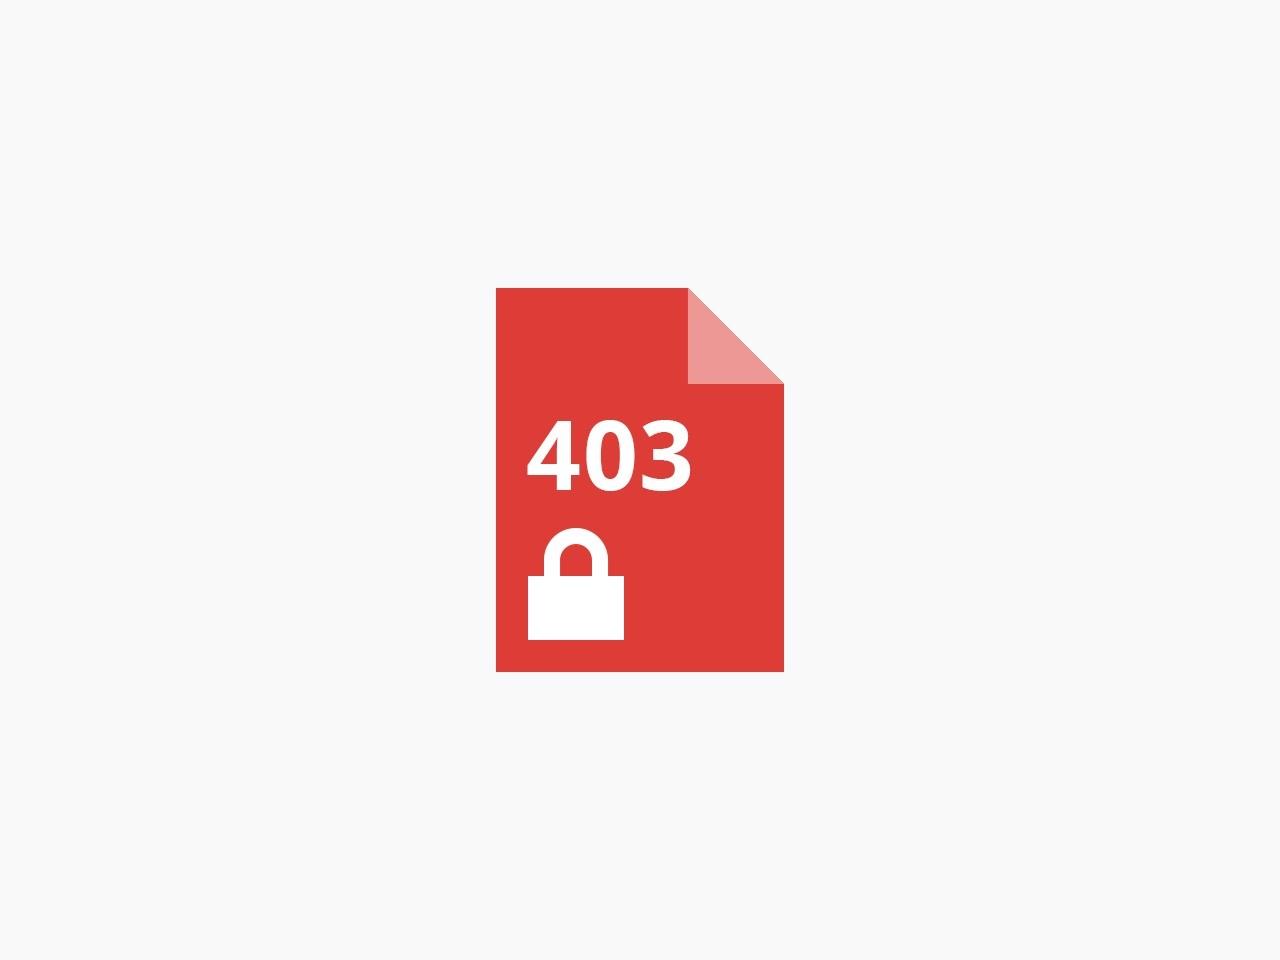 芜湖市住房公积金管理中心